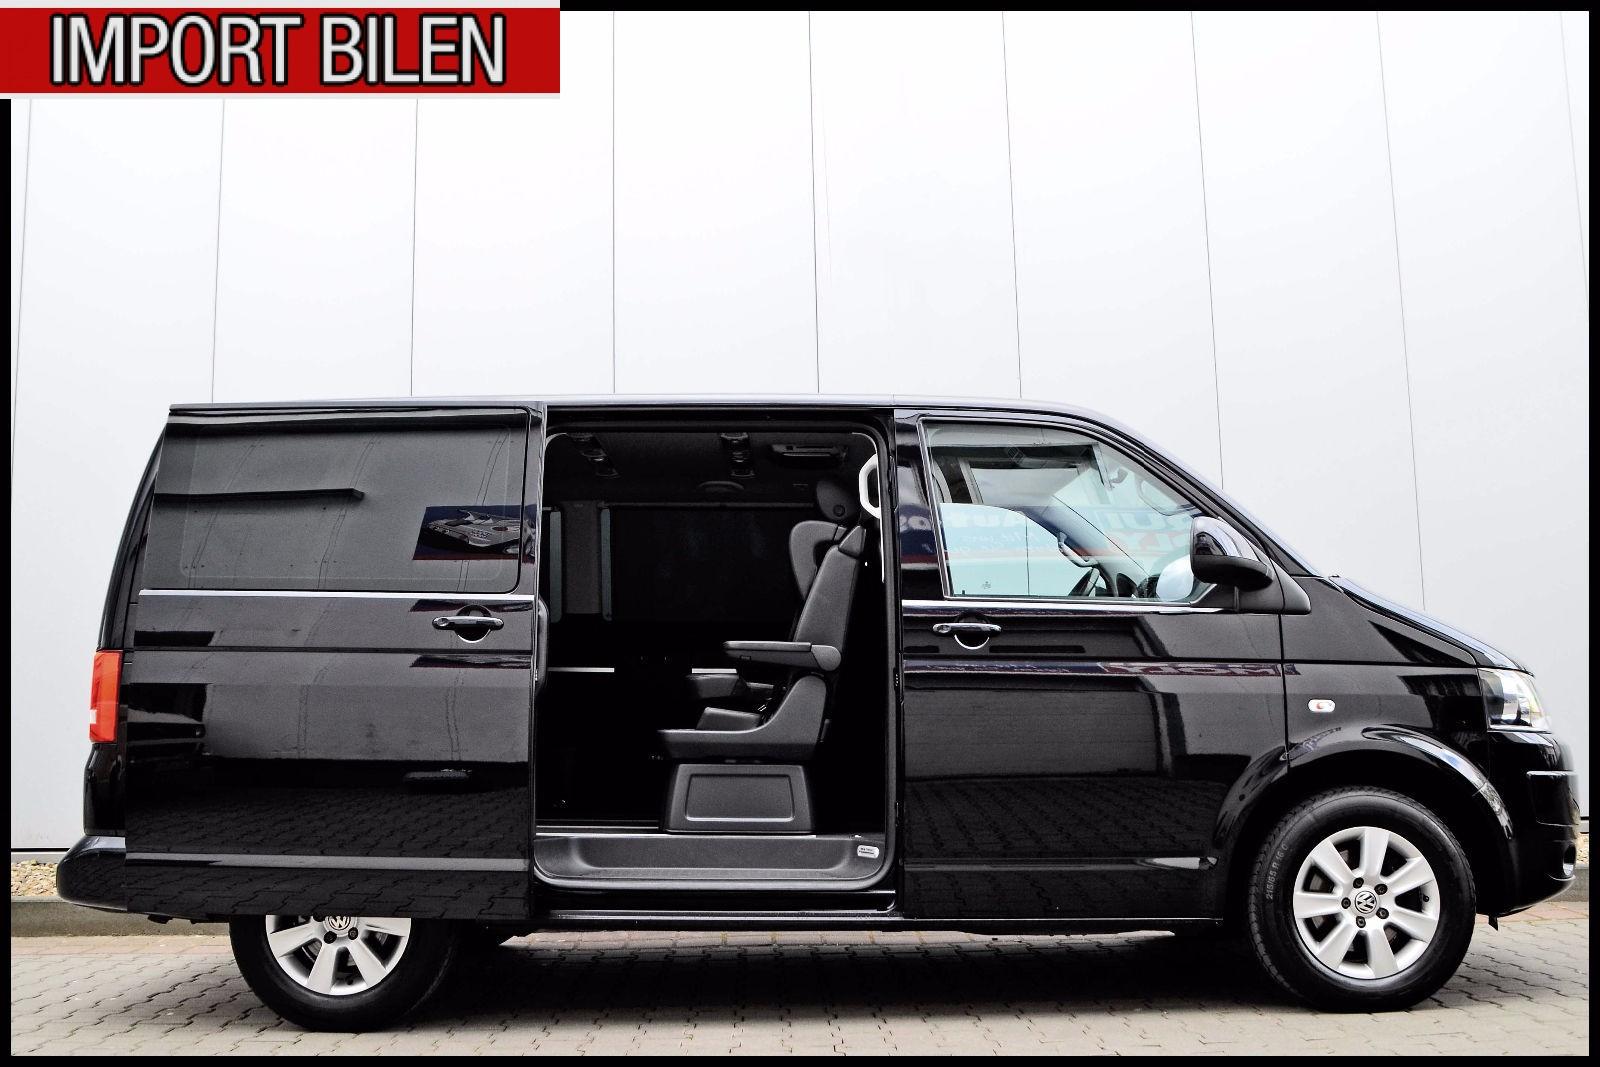 brugt volkswagen t5 multivan 2013 leasingoffer. Black Bedroom Furniture Sets. Home Design Ideas